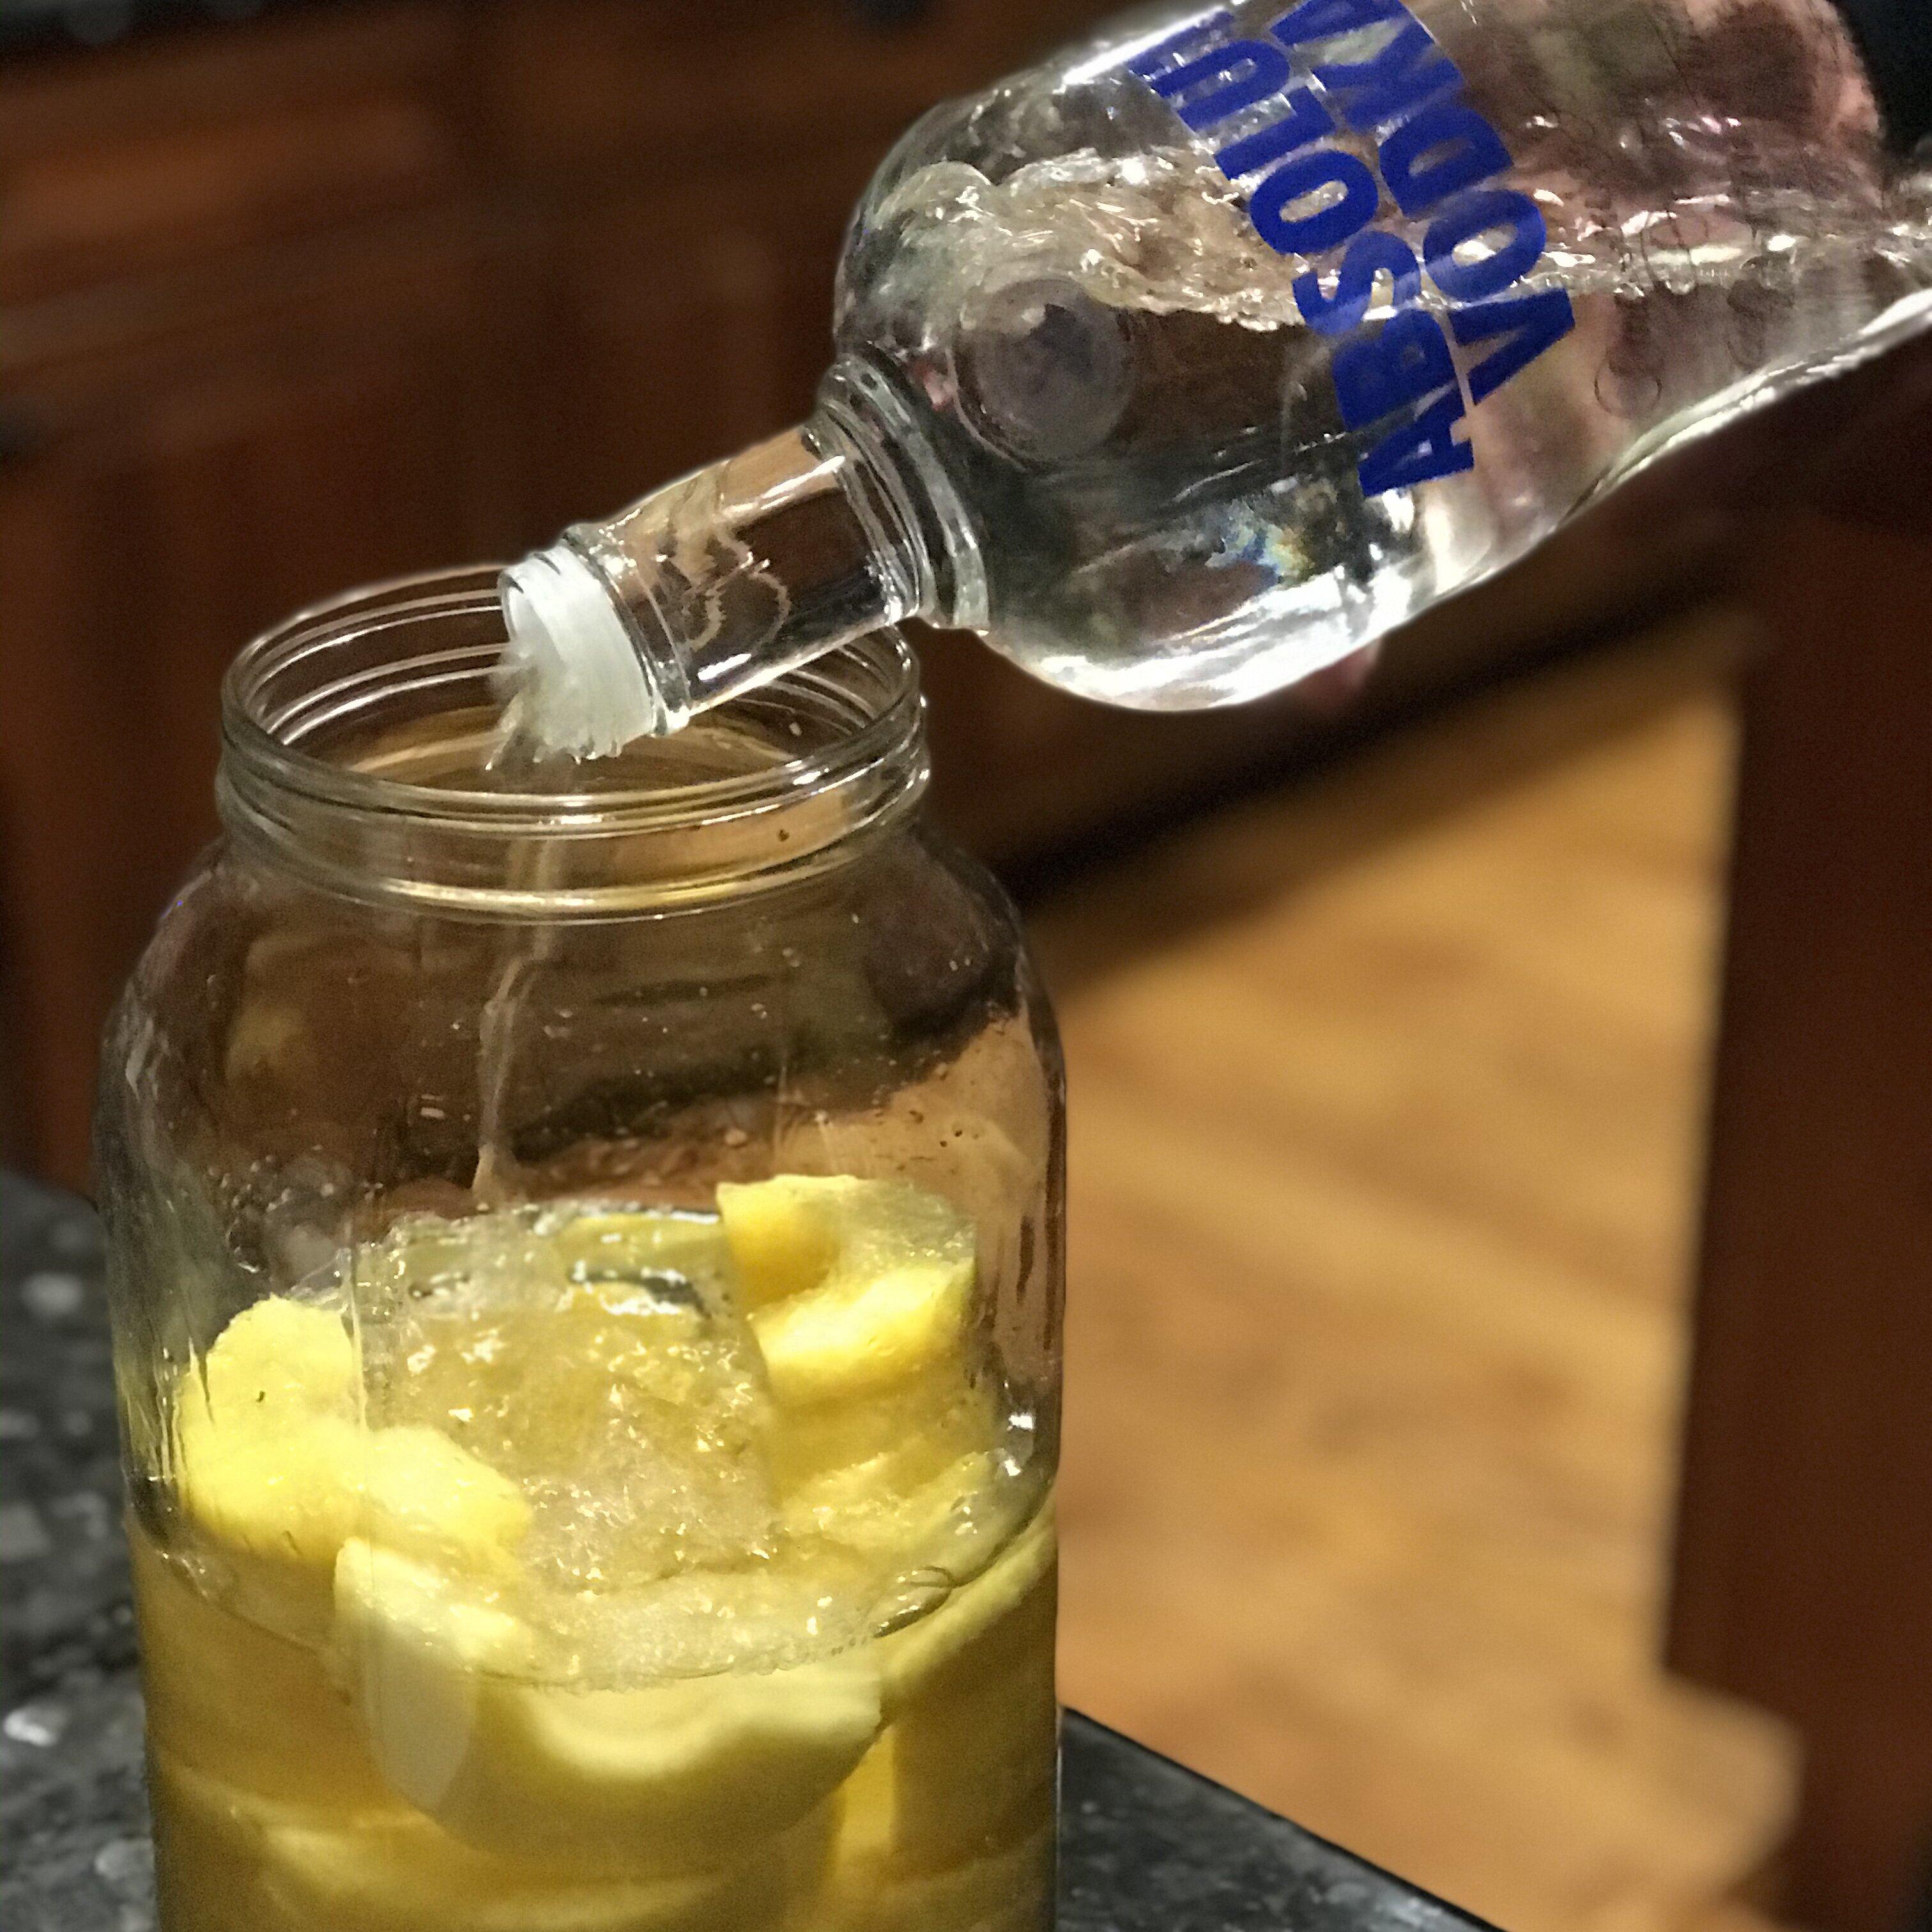 pineapple infused vodka recipe